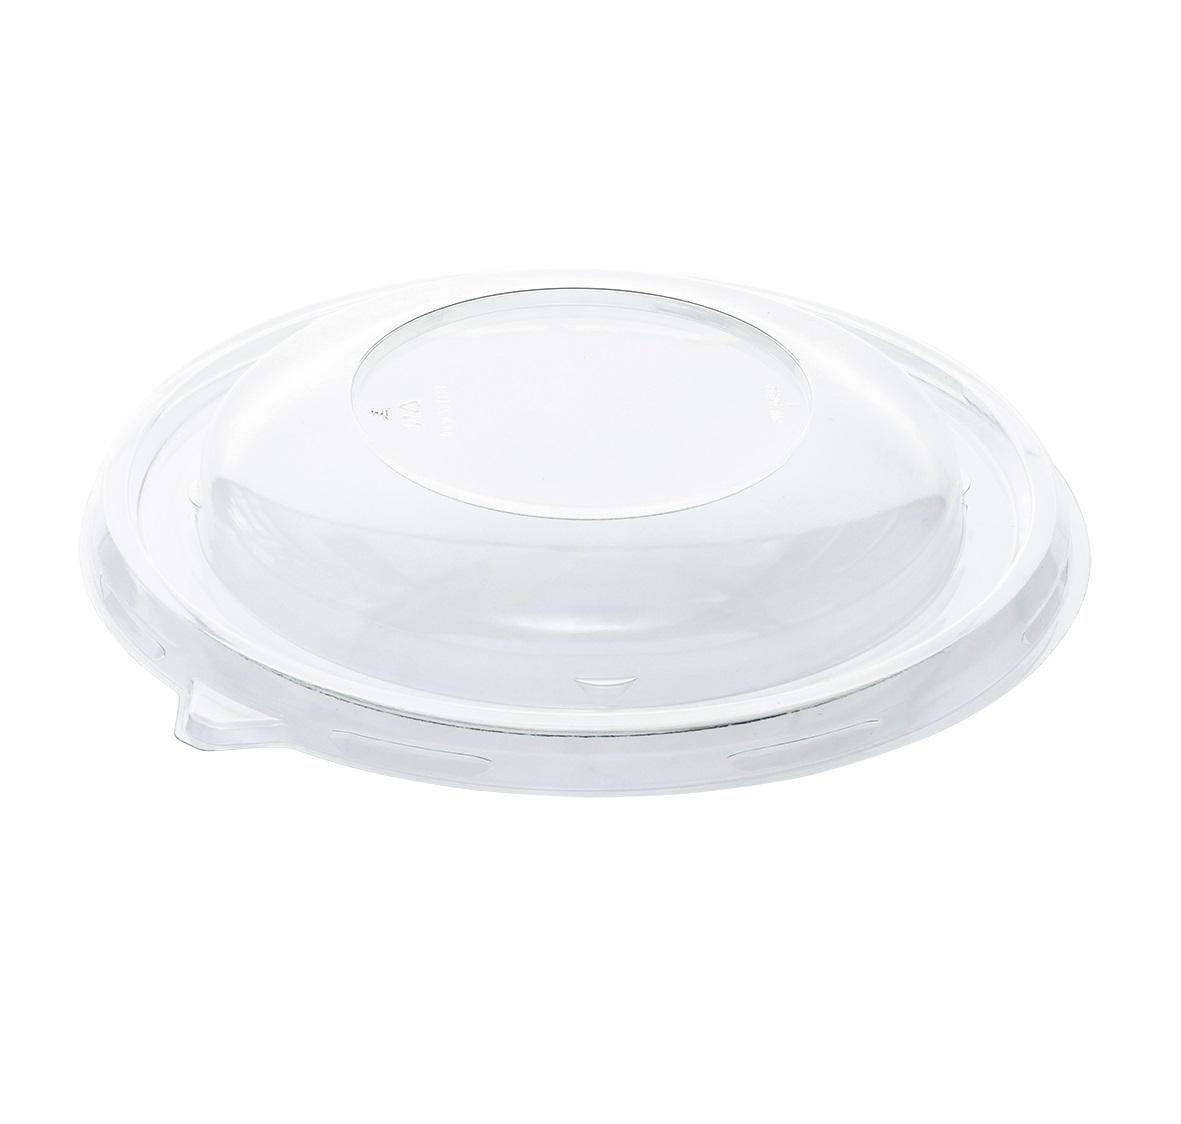 Domed Rpet deksel voor Buddha bowl